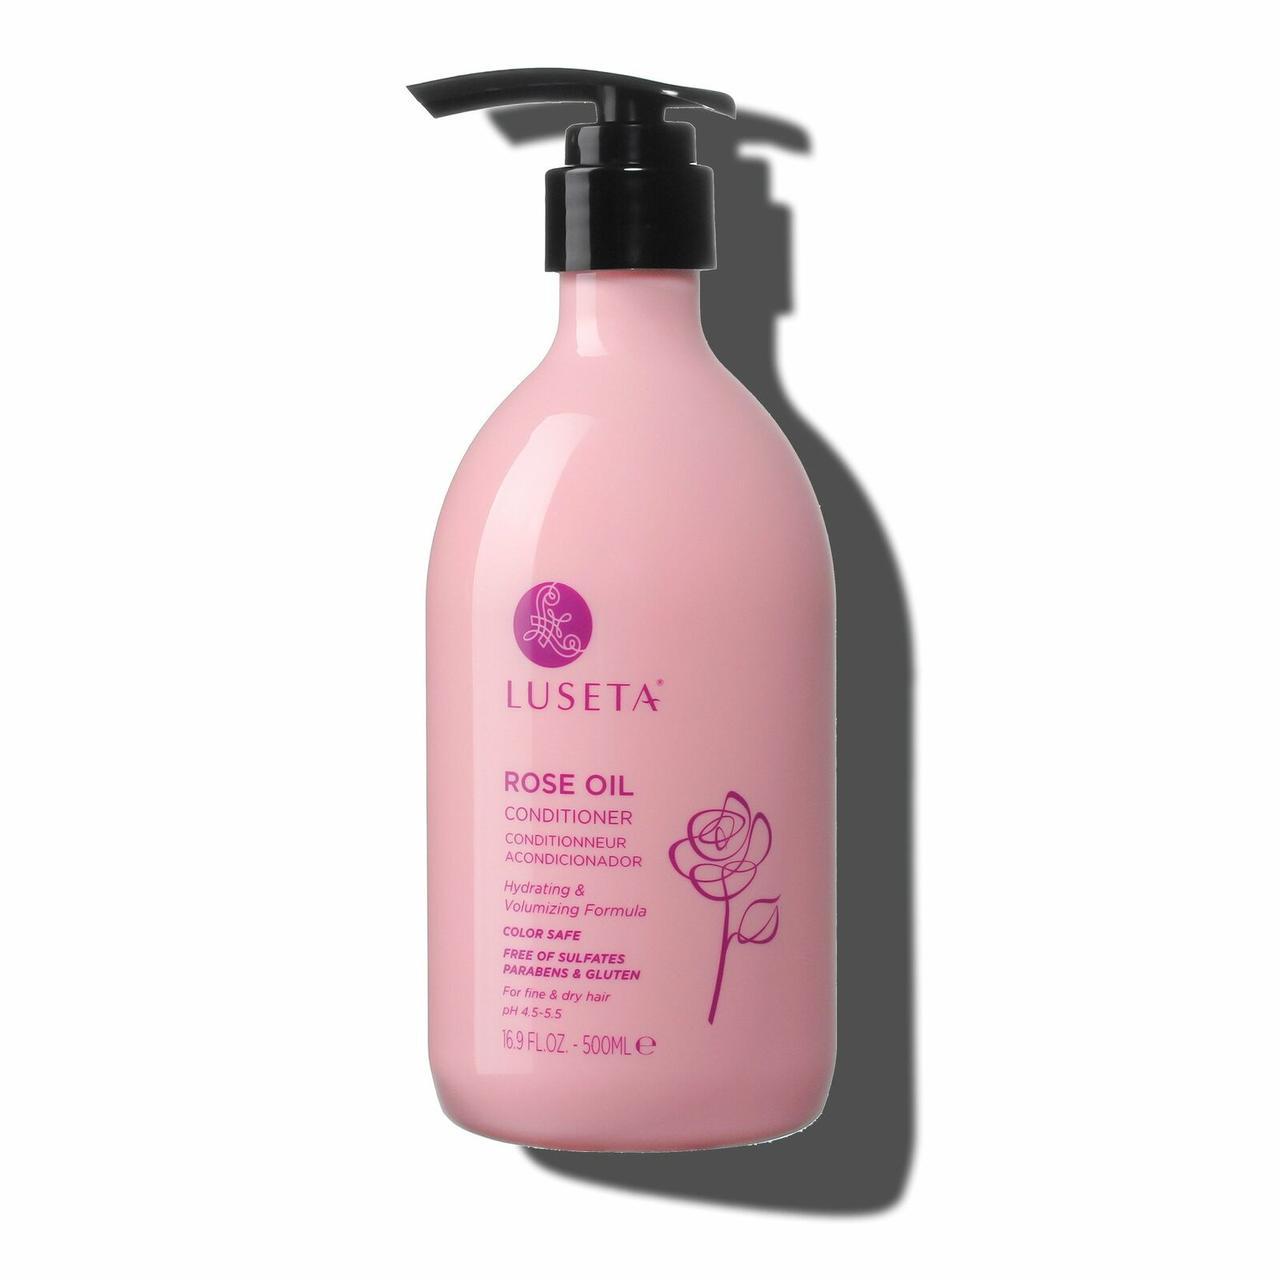 Кондиционер для обьема волос Luseta Rose Oil Conditioner 500ml